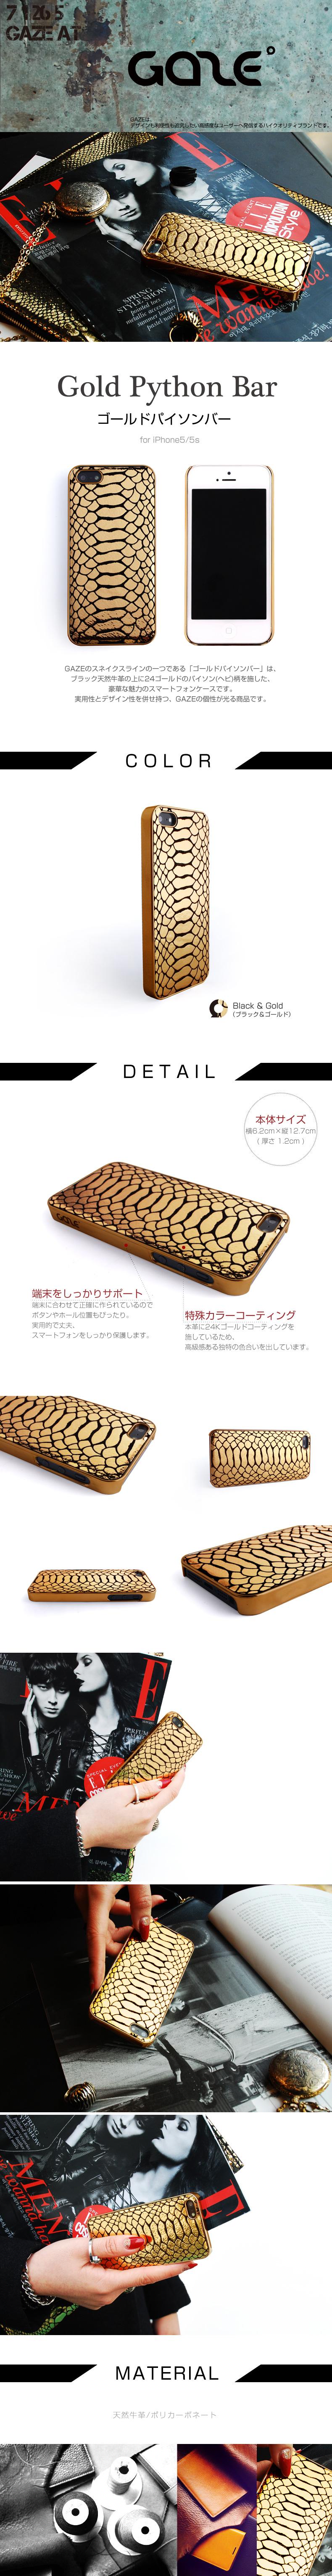 商品詳細iPhone5/5sGold Python Bar (ゴールドパイソンバー)